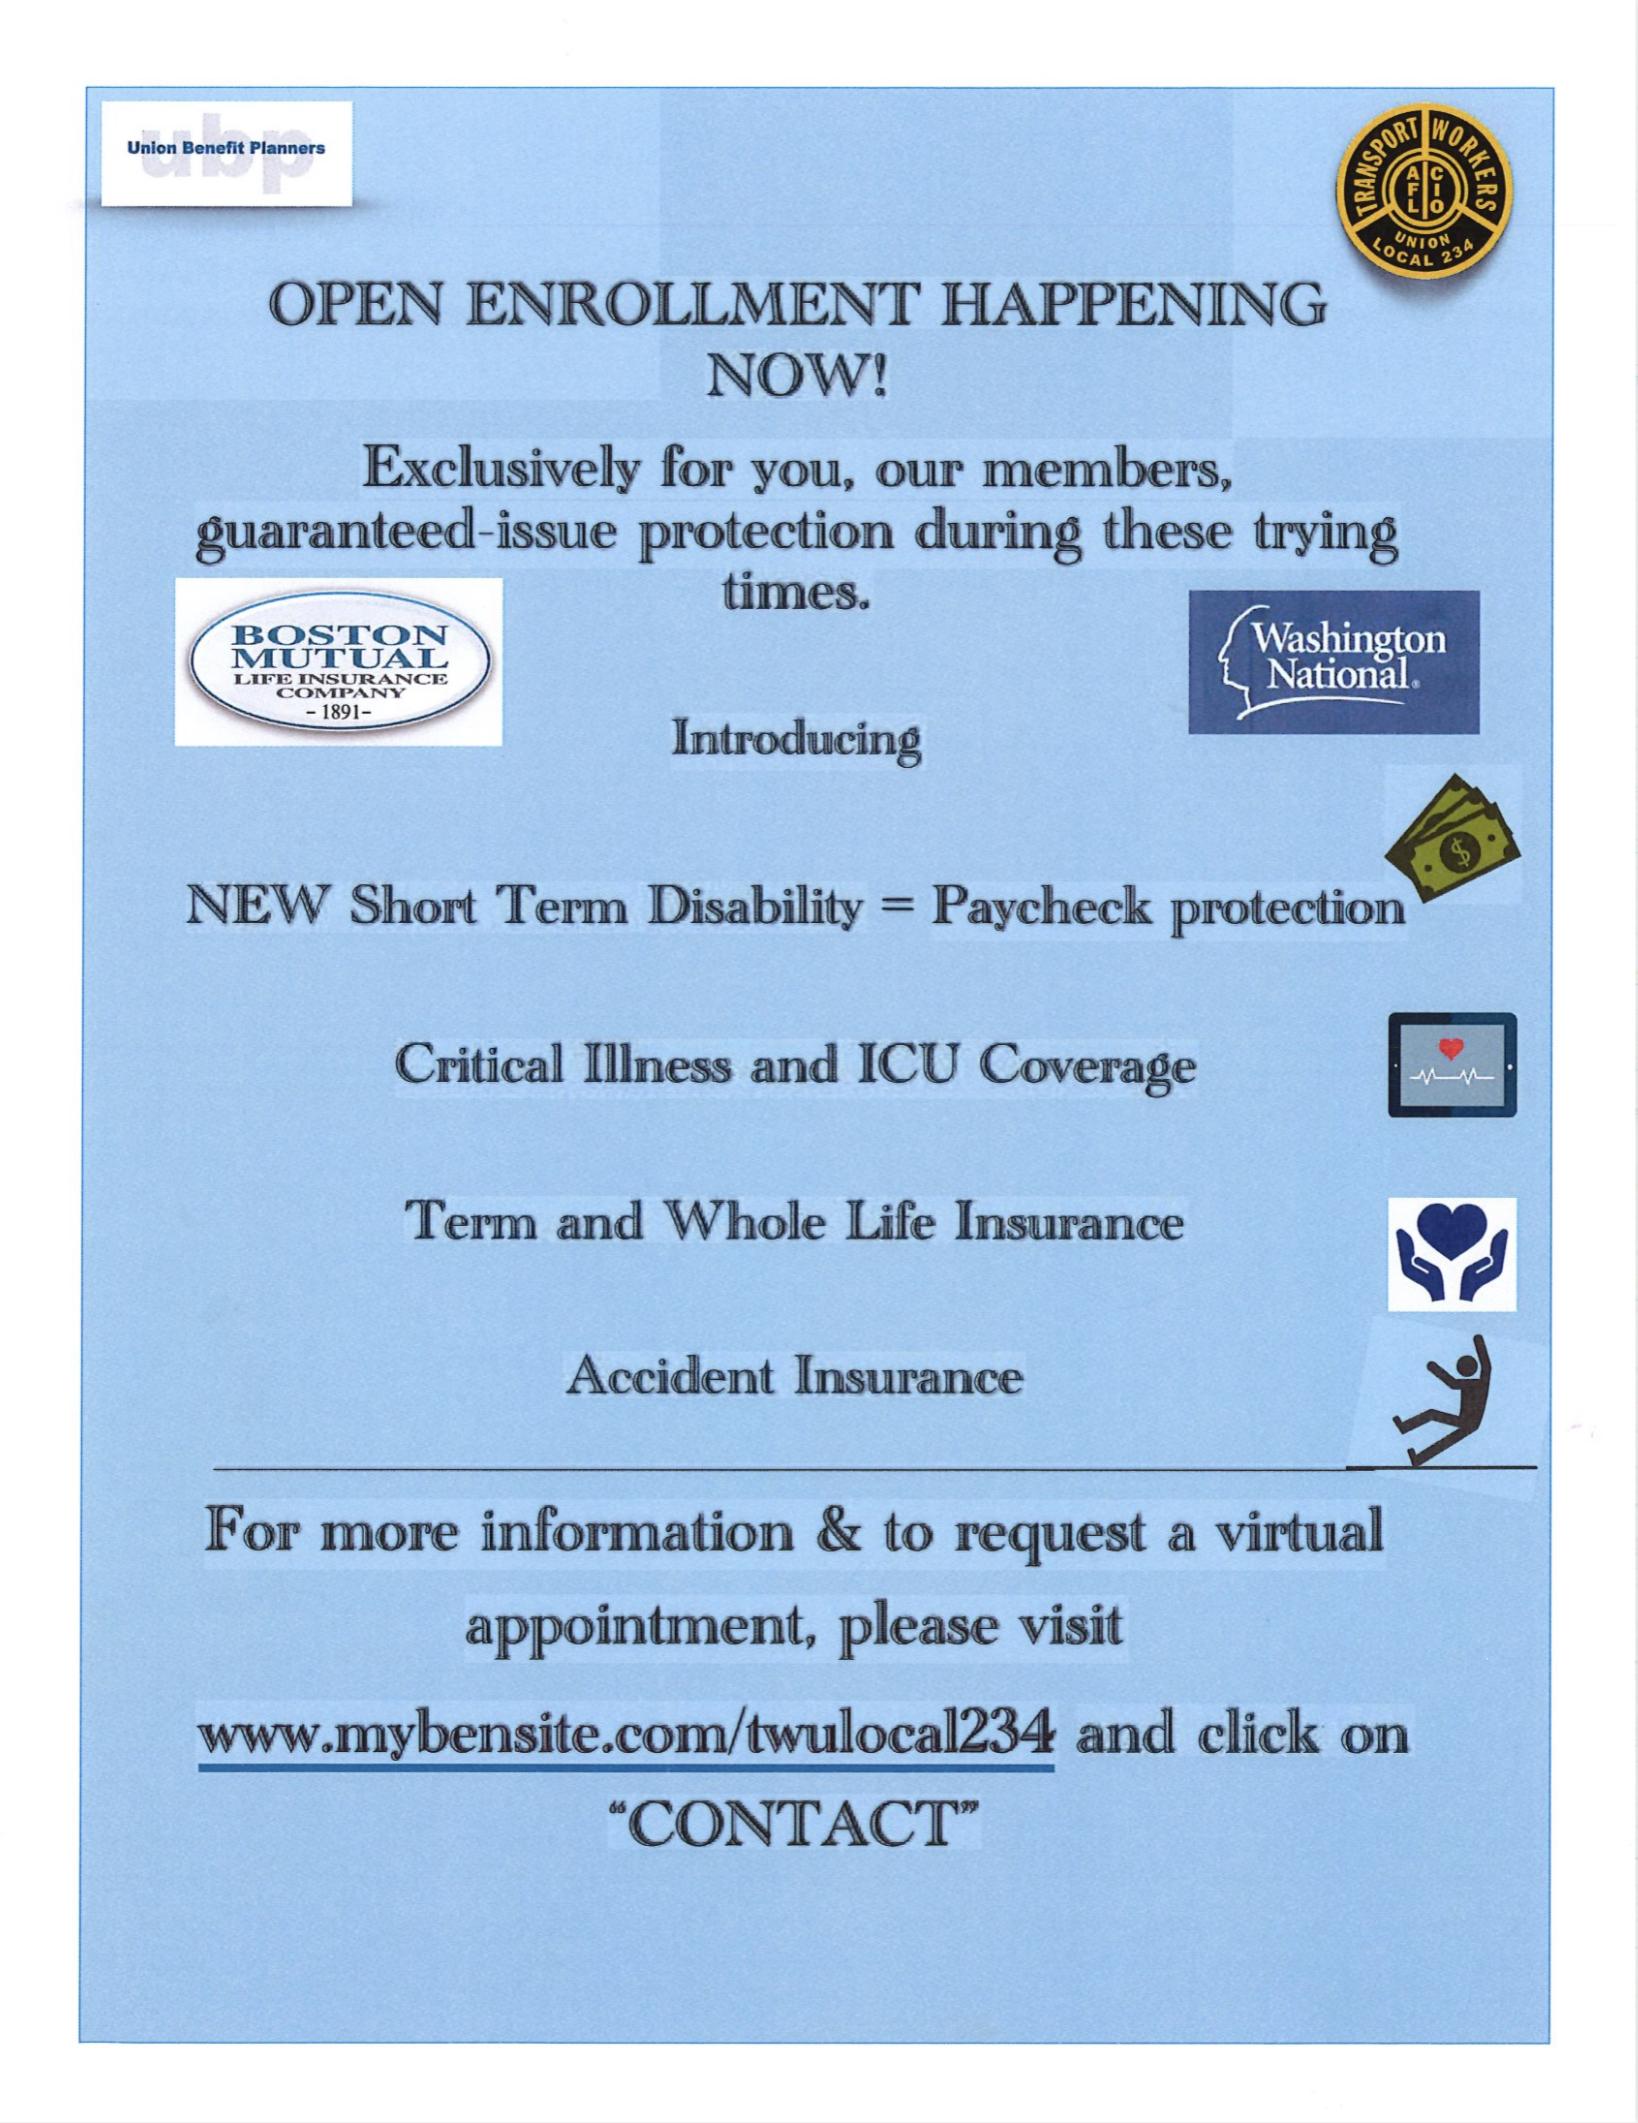 UBP Open Enrollment